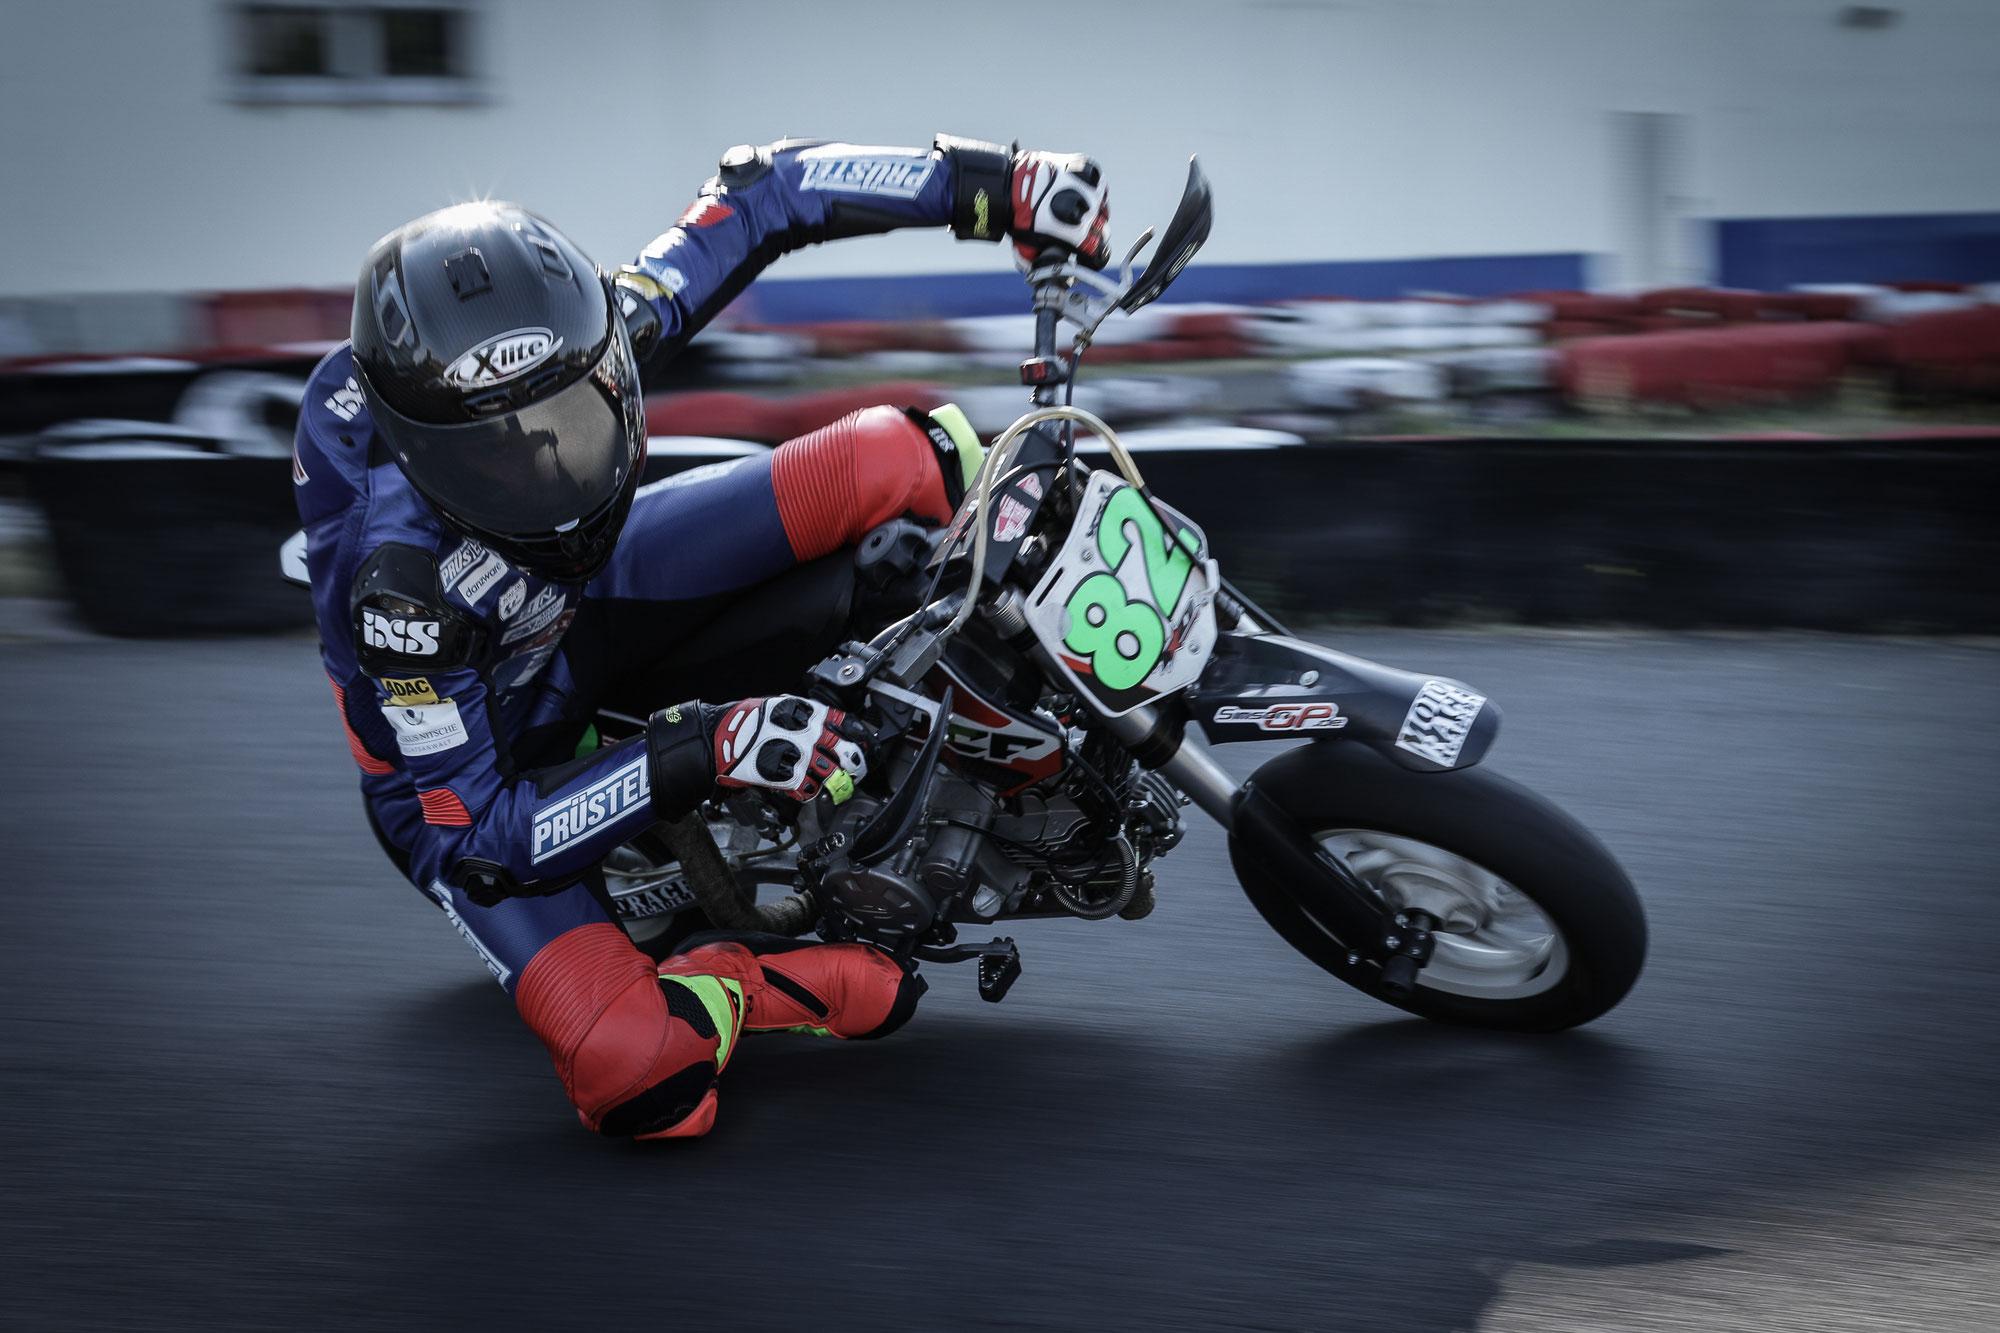 pitbike1.de Fotograf auch in 2021